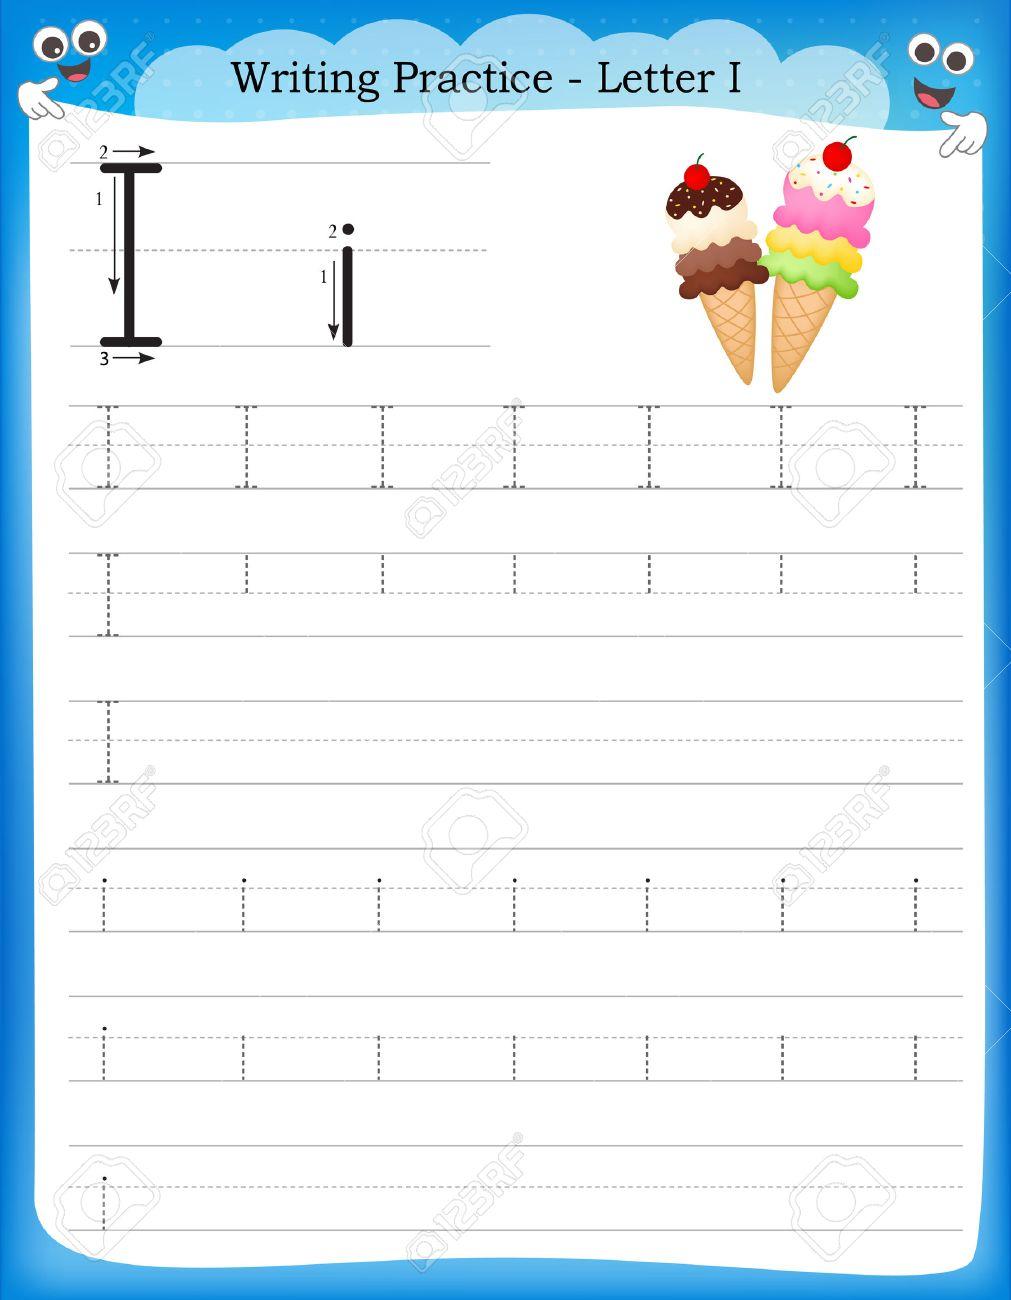 Writing Practice Letter I Printable Worksheet For Preschool ...